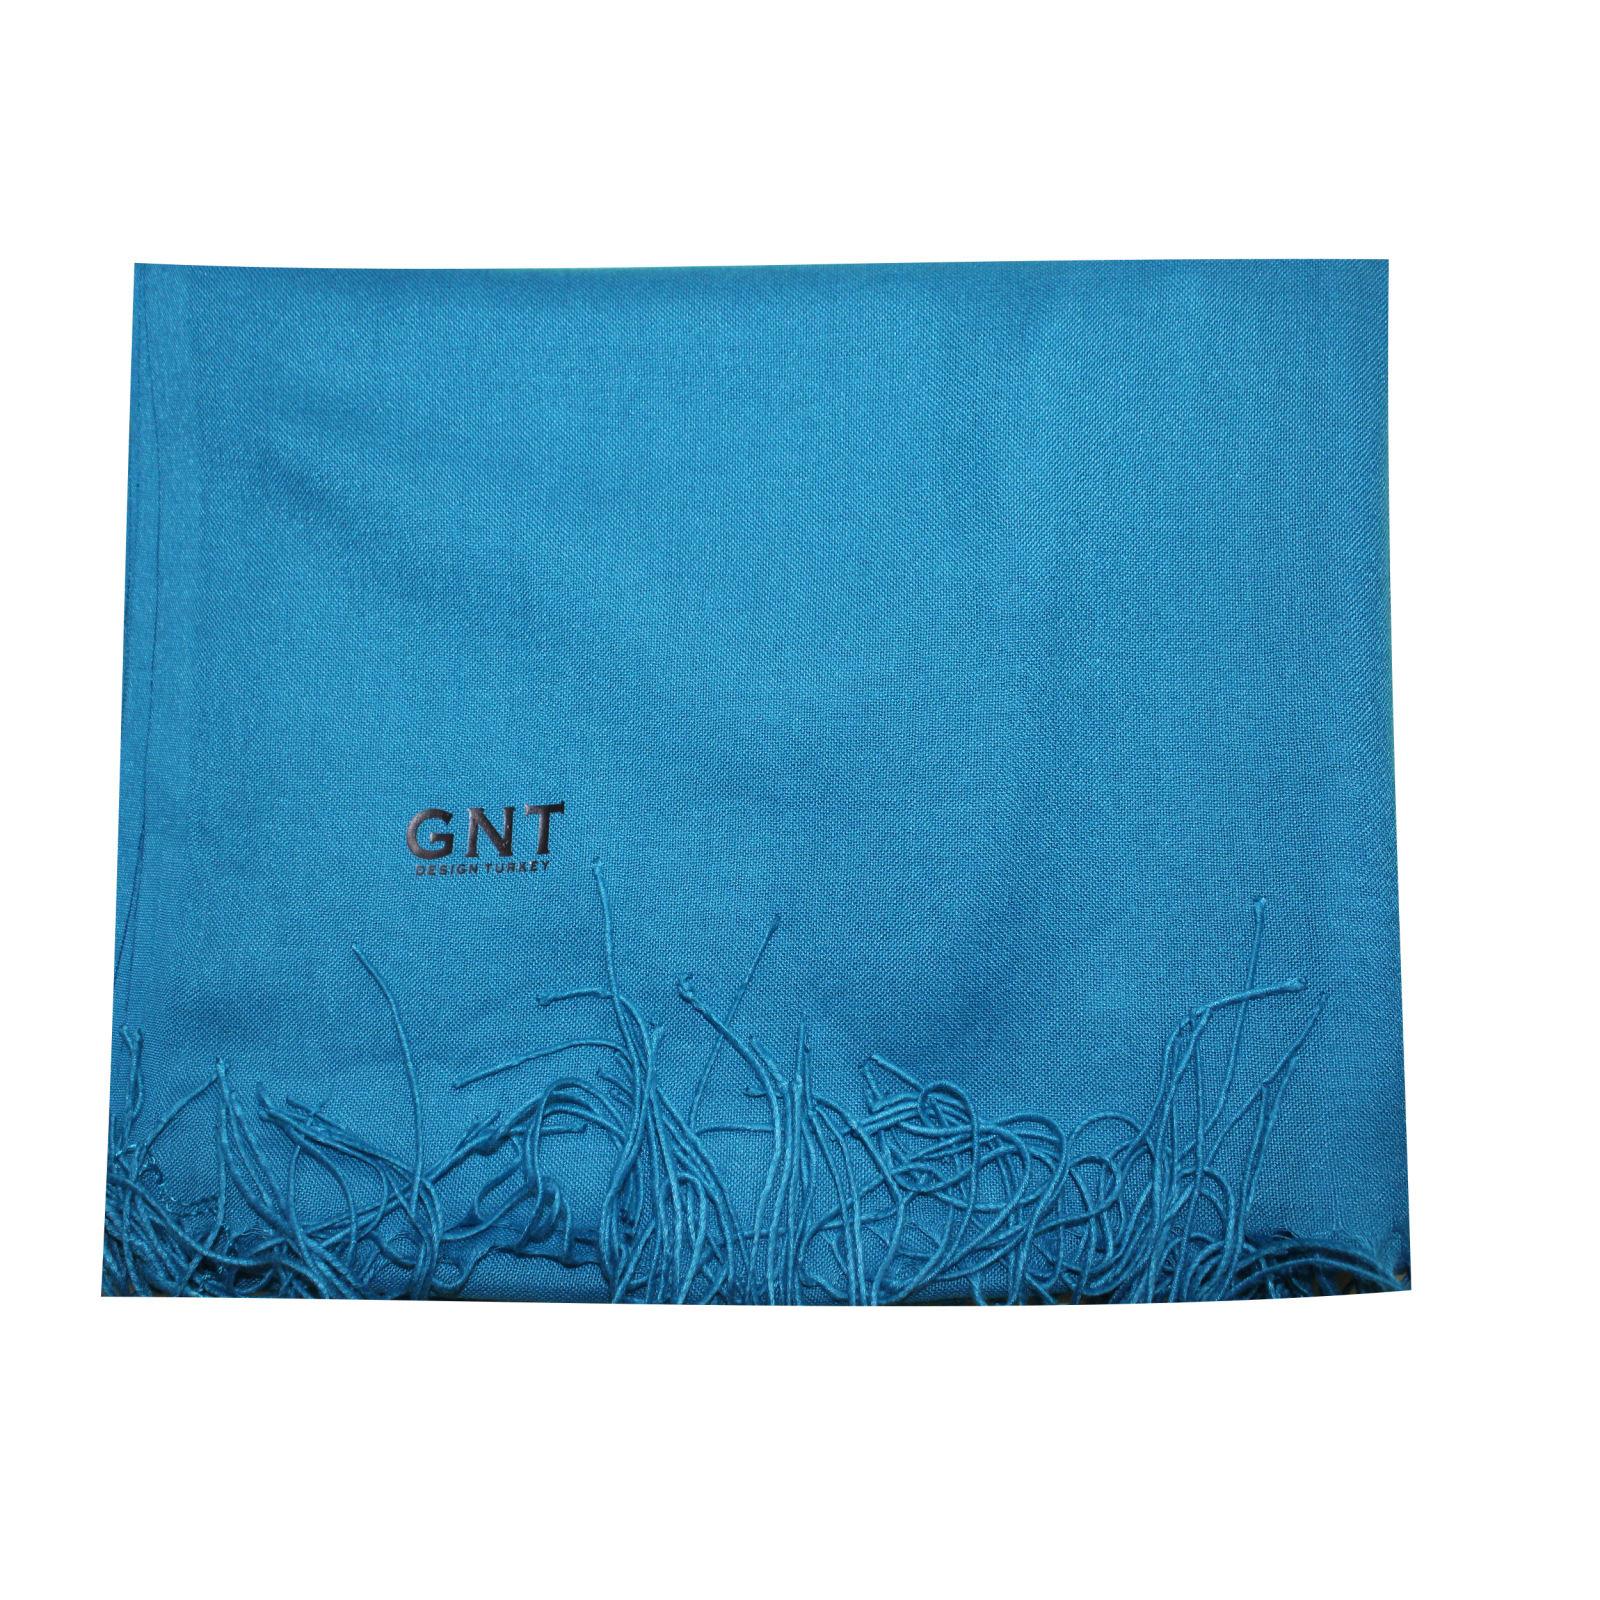 شال زنانه جی ان تی کد 01087 -  - 4